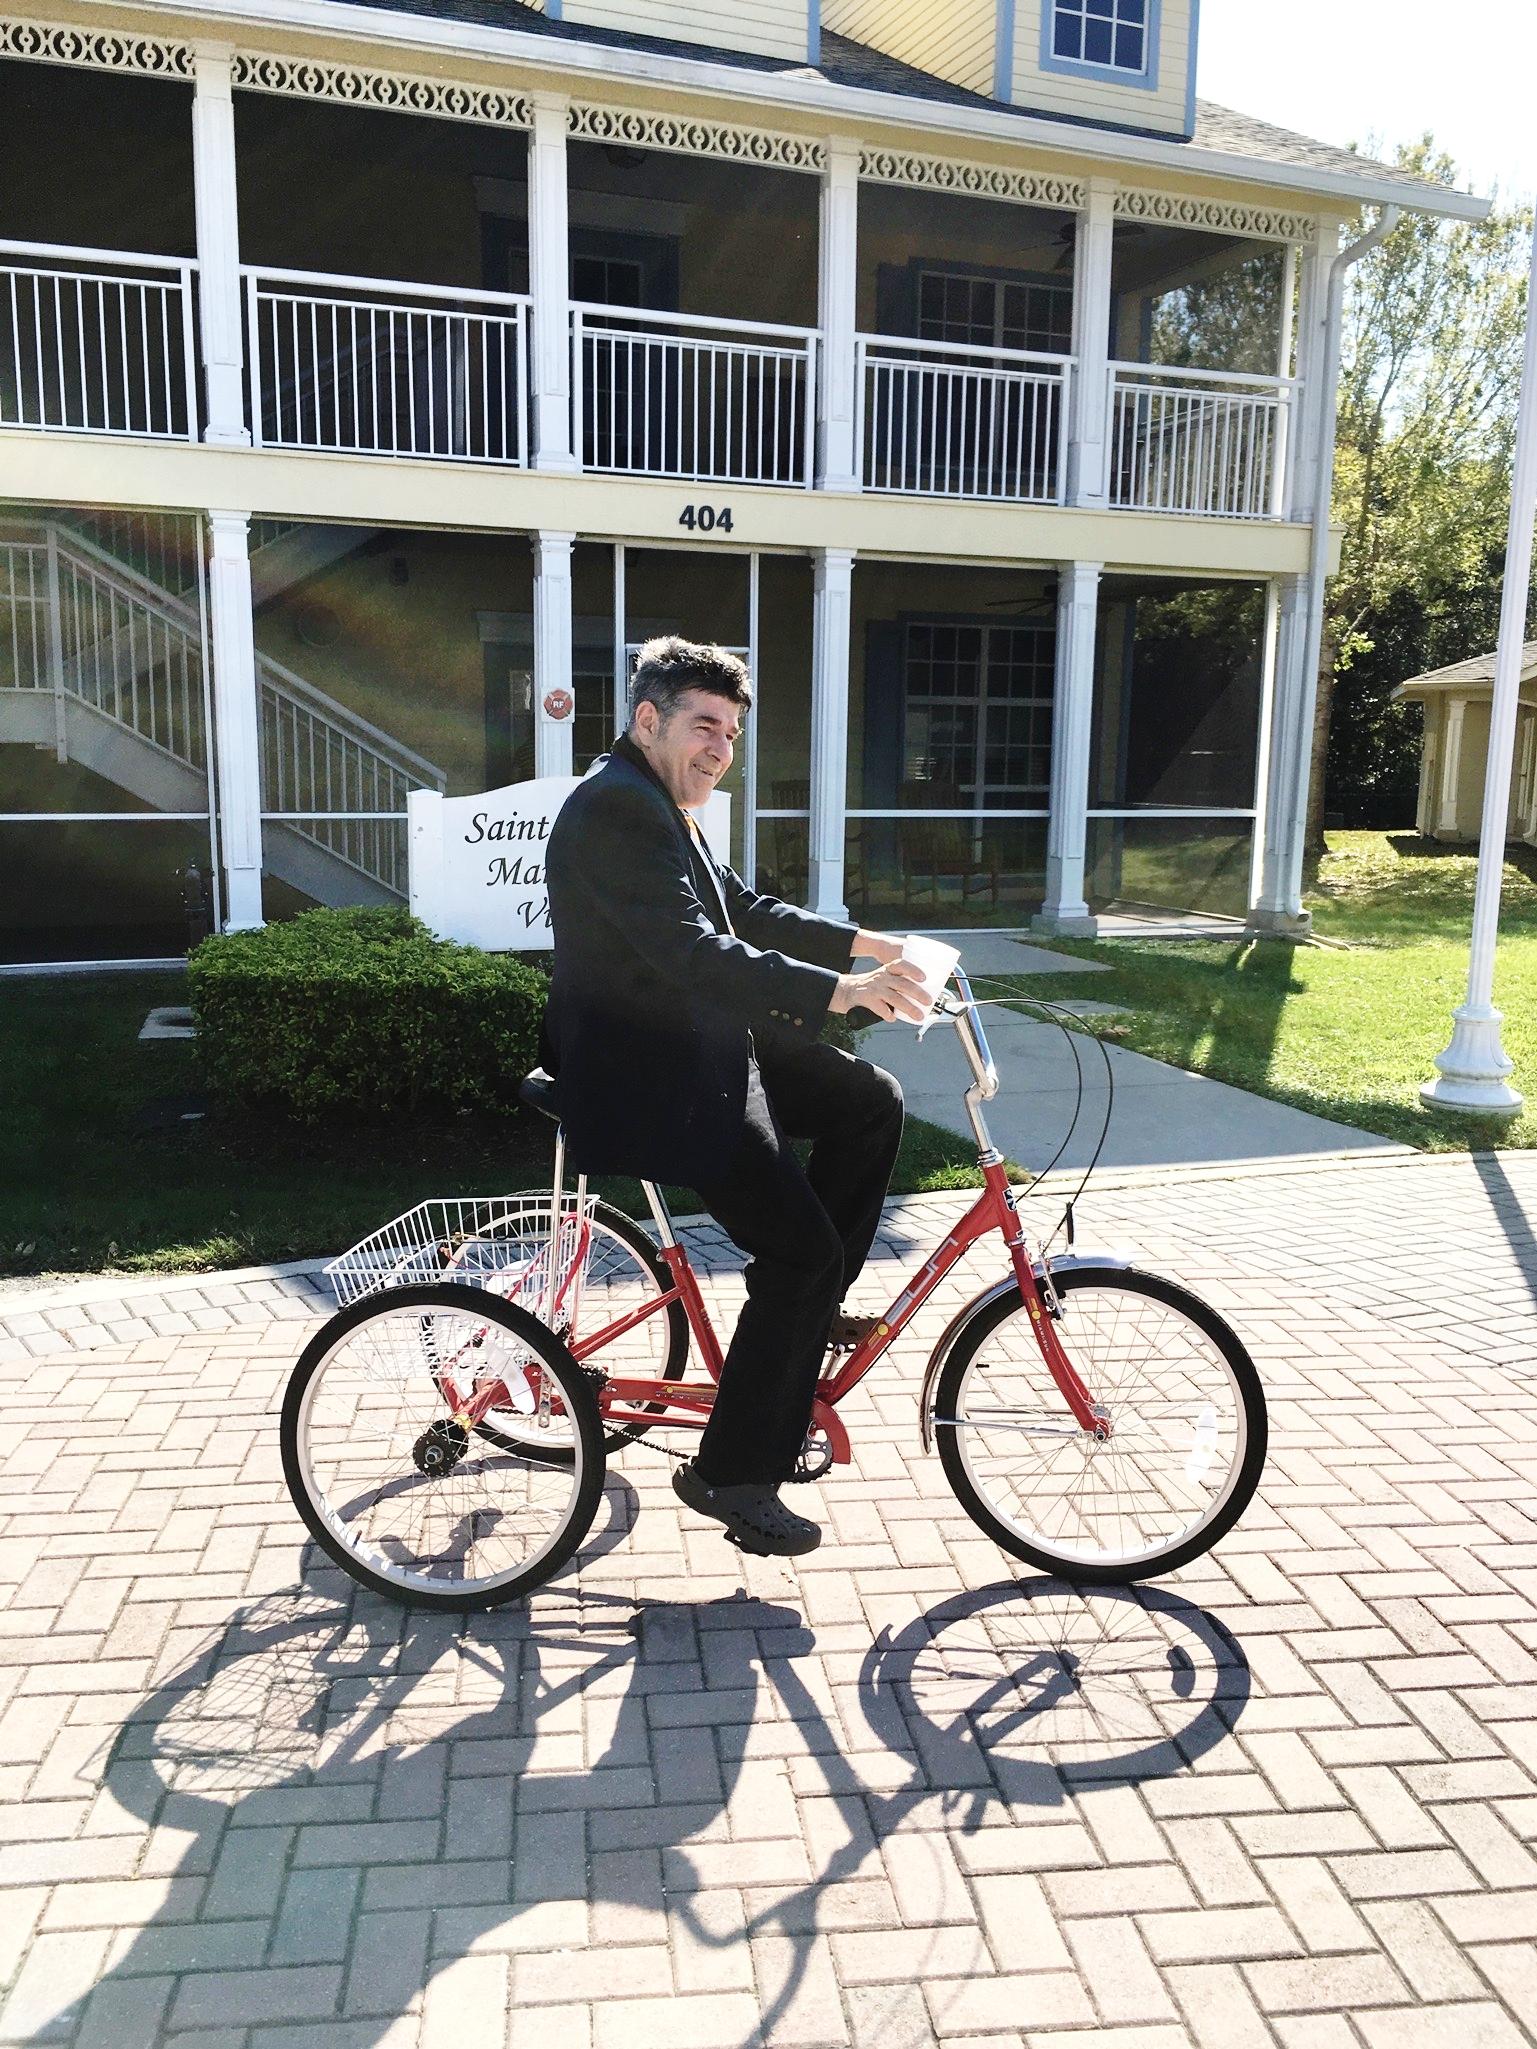 residential_bike.jpg